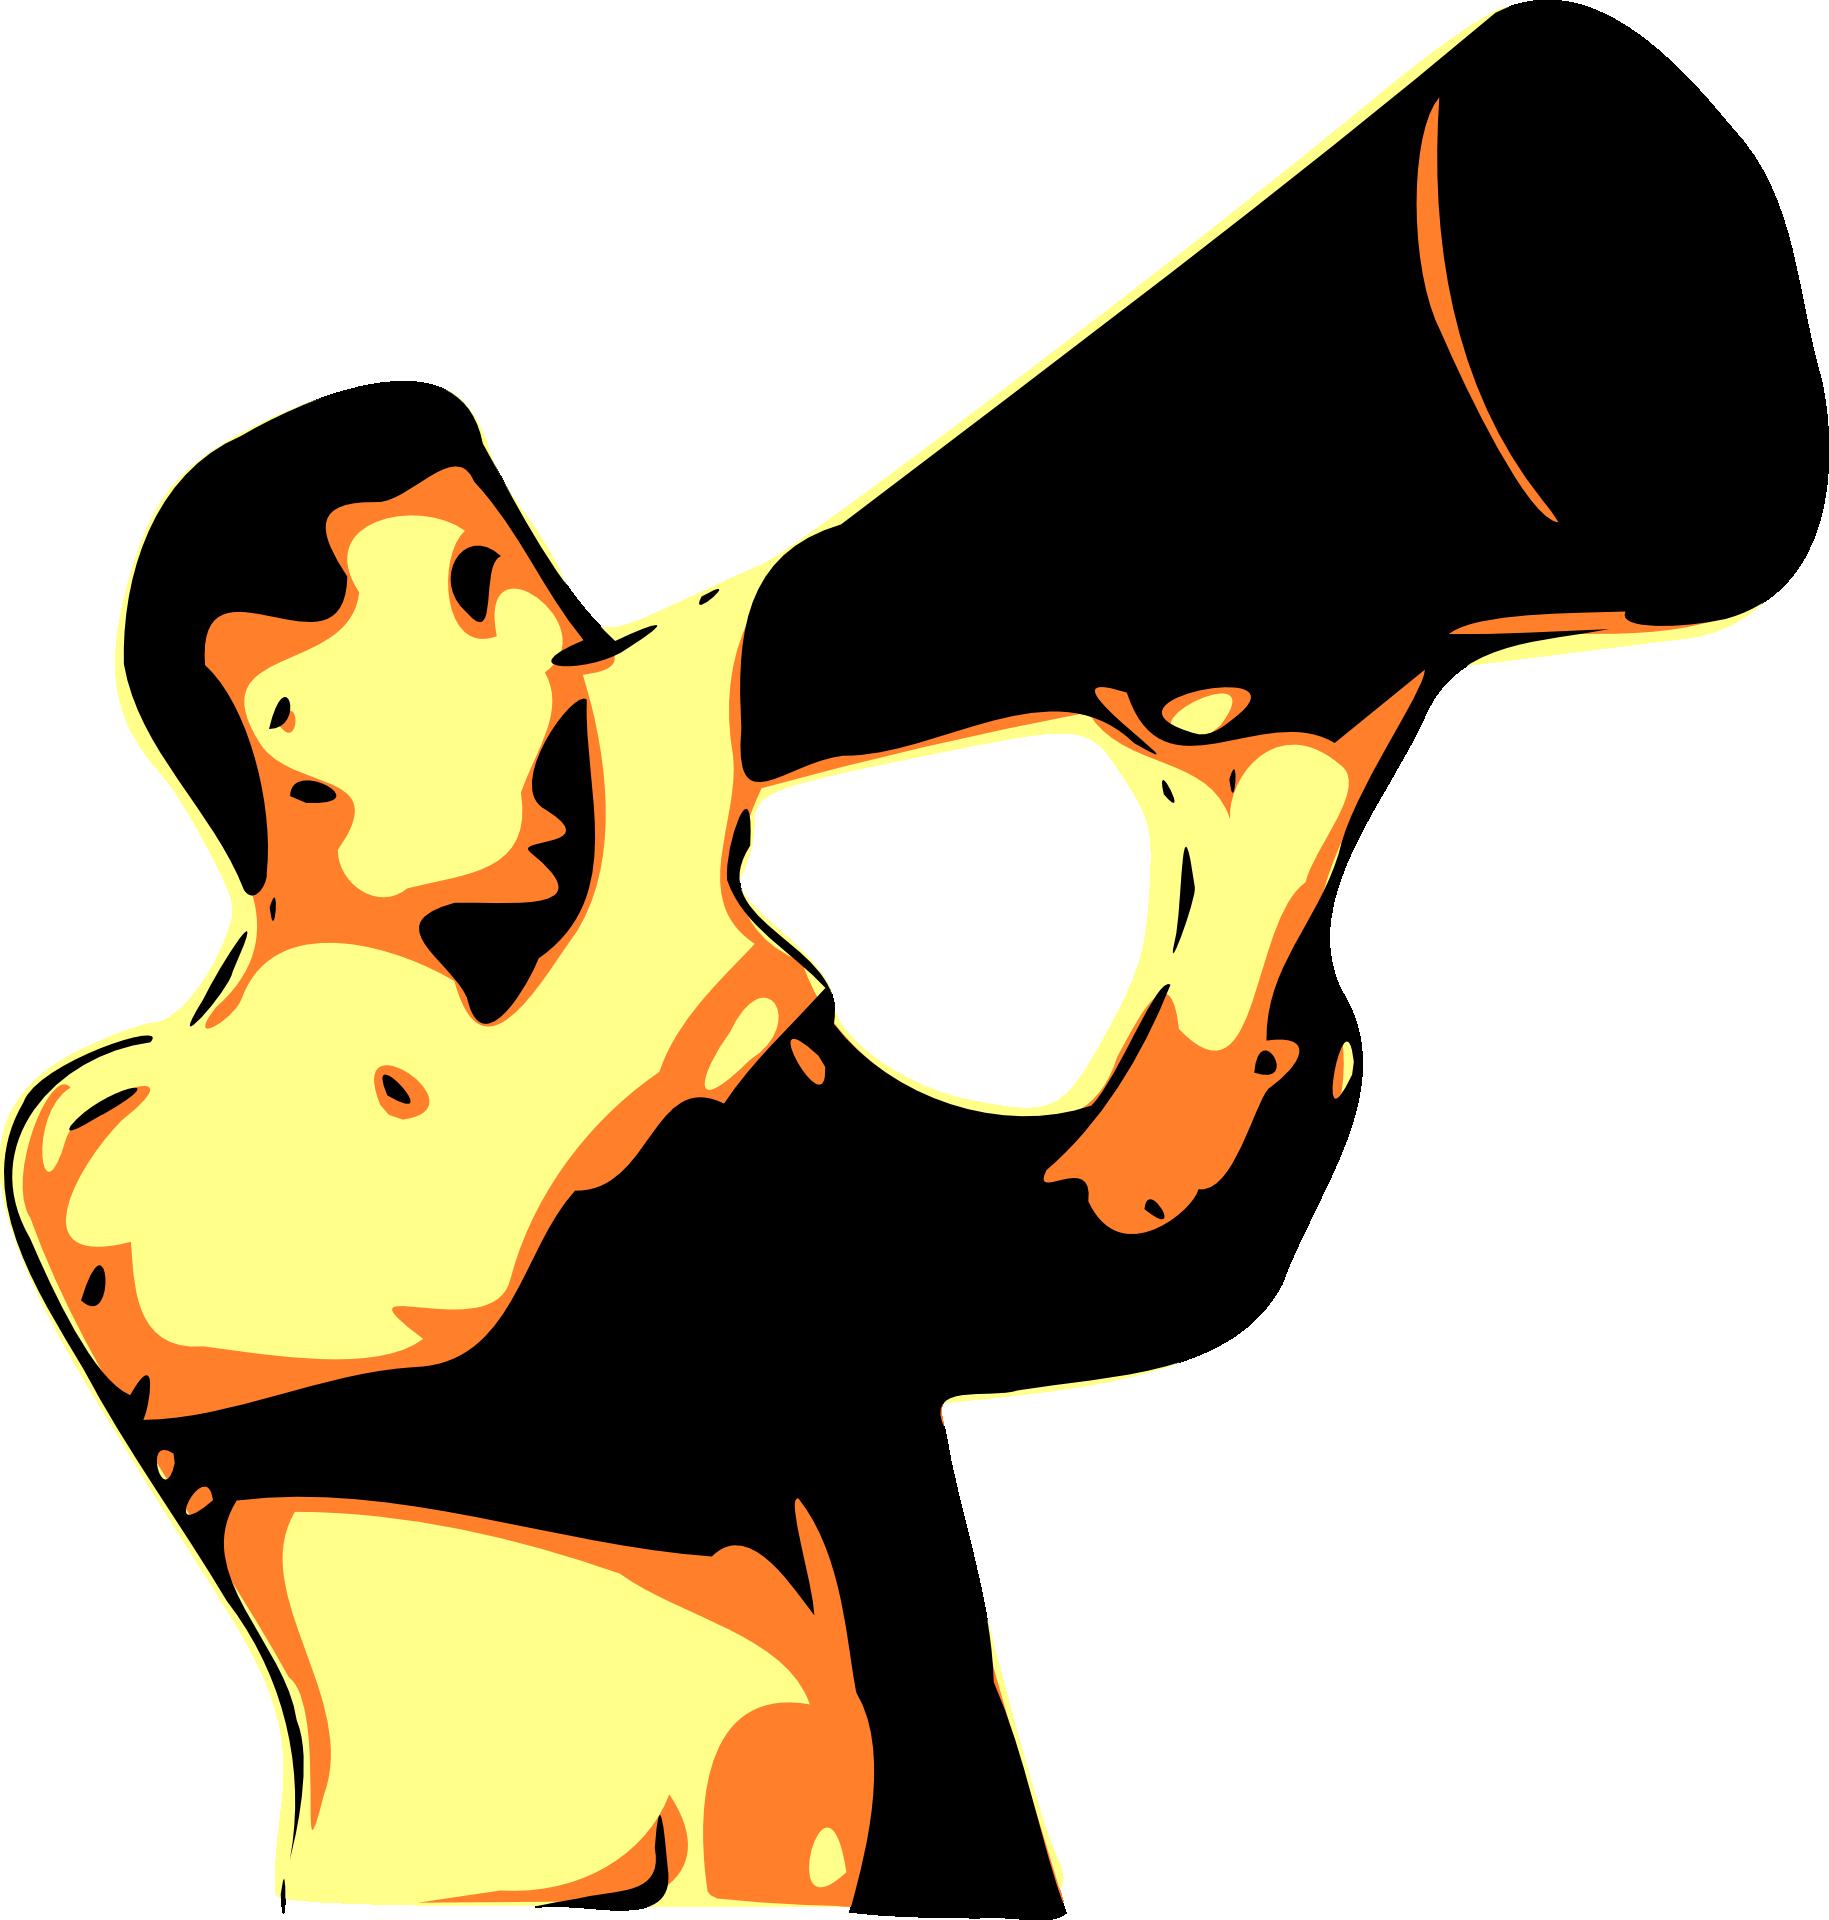 megaphone-150254.png